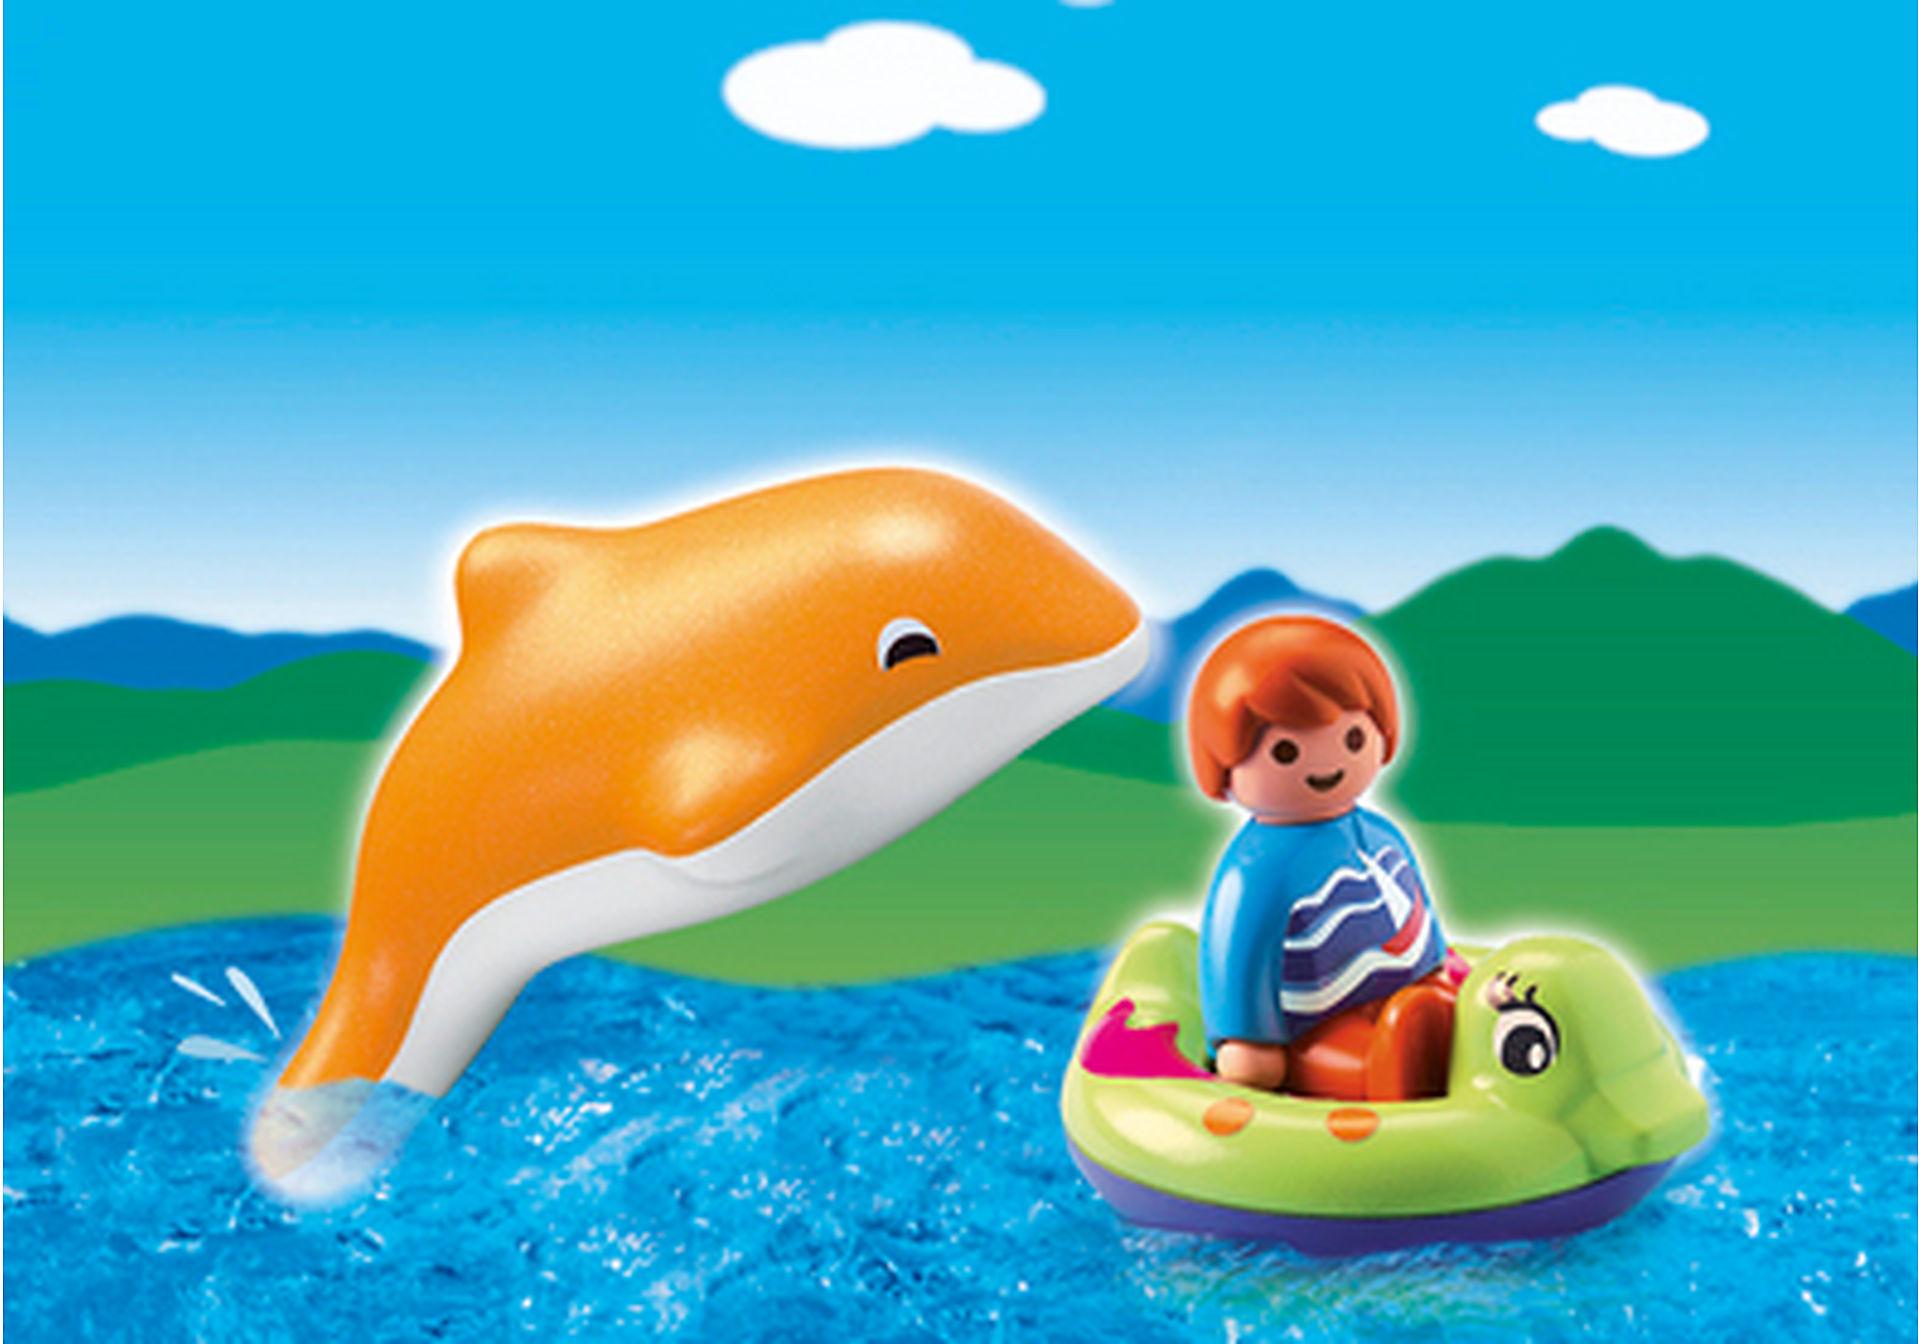 6762-A Badespaß mit Delfin zoom image1